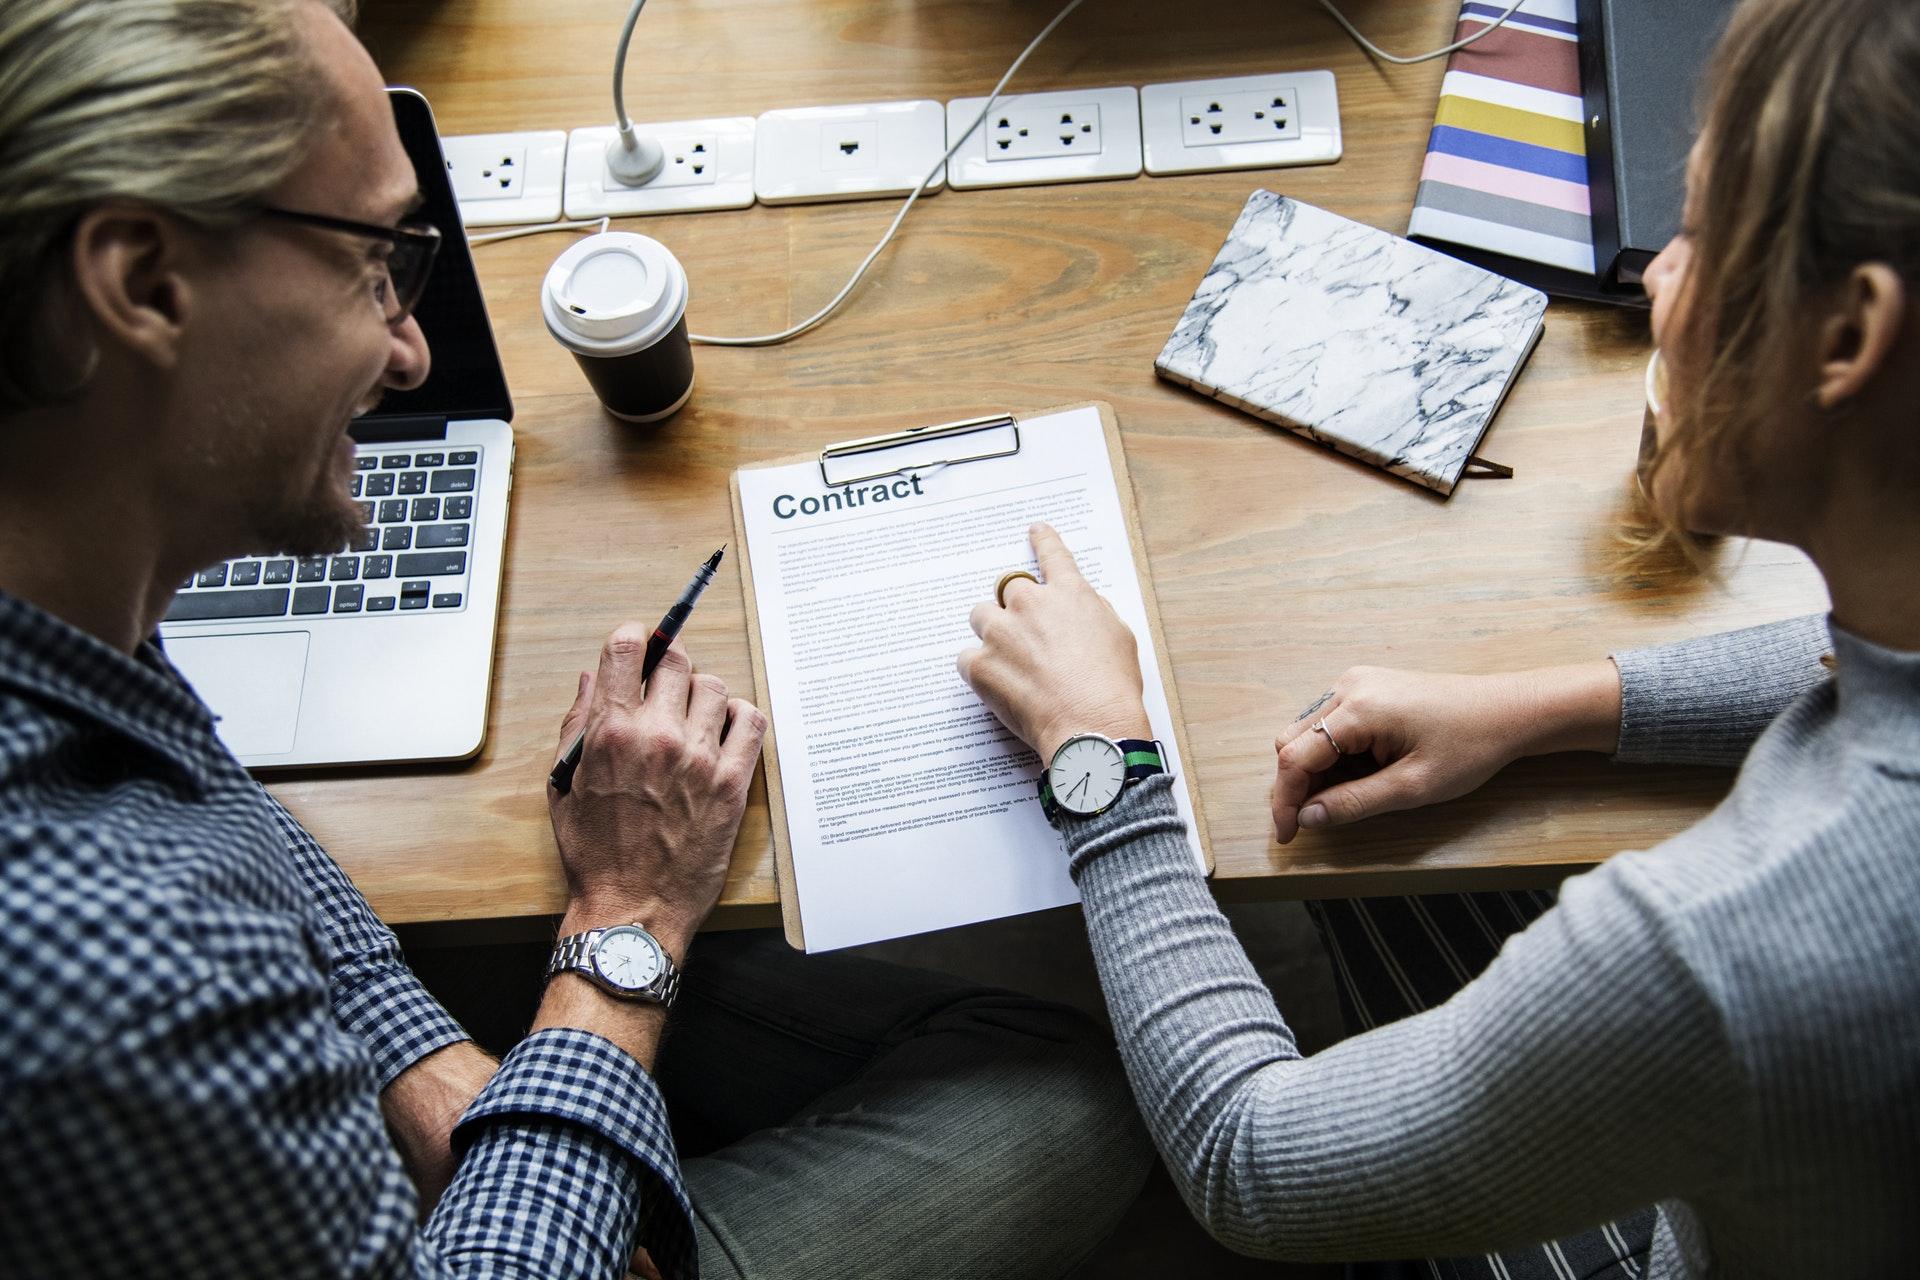 Entrepreneurship – Jason Boreyko States The Benefits Of Taking An Entrepreneurship Course